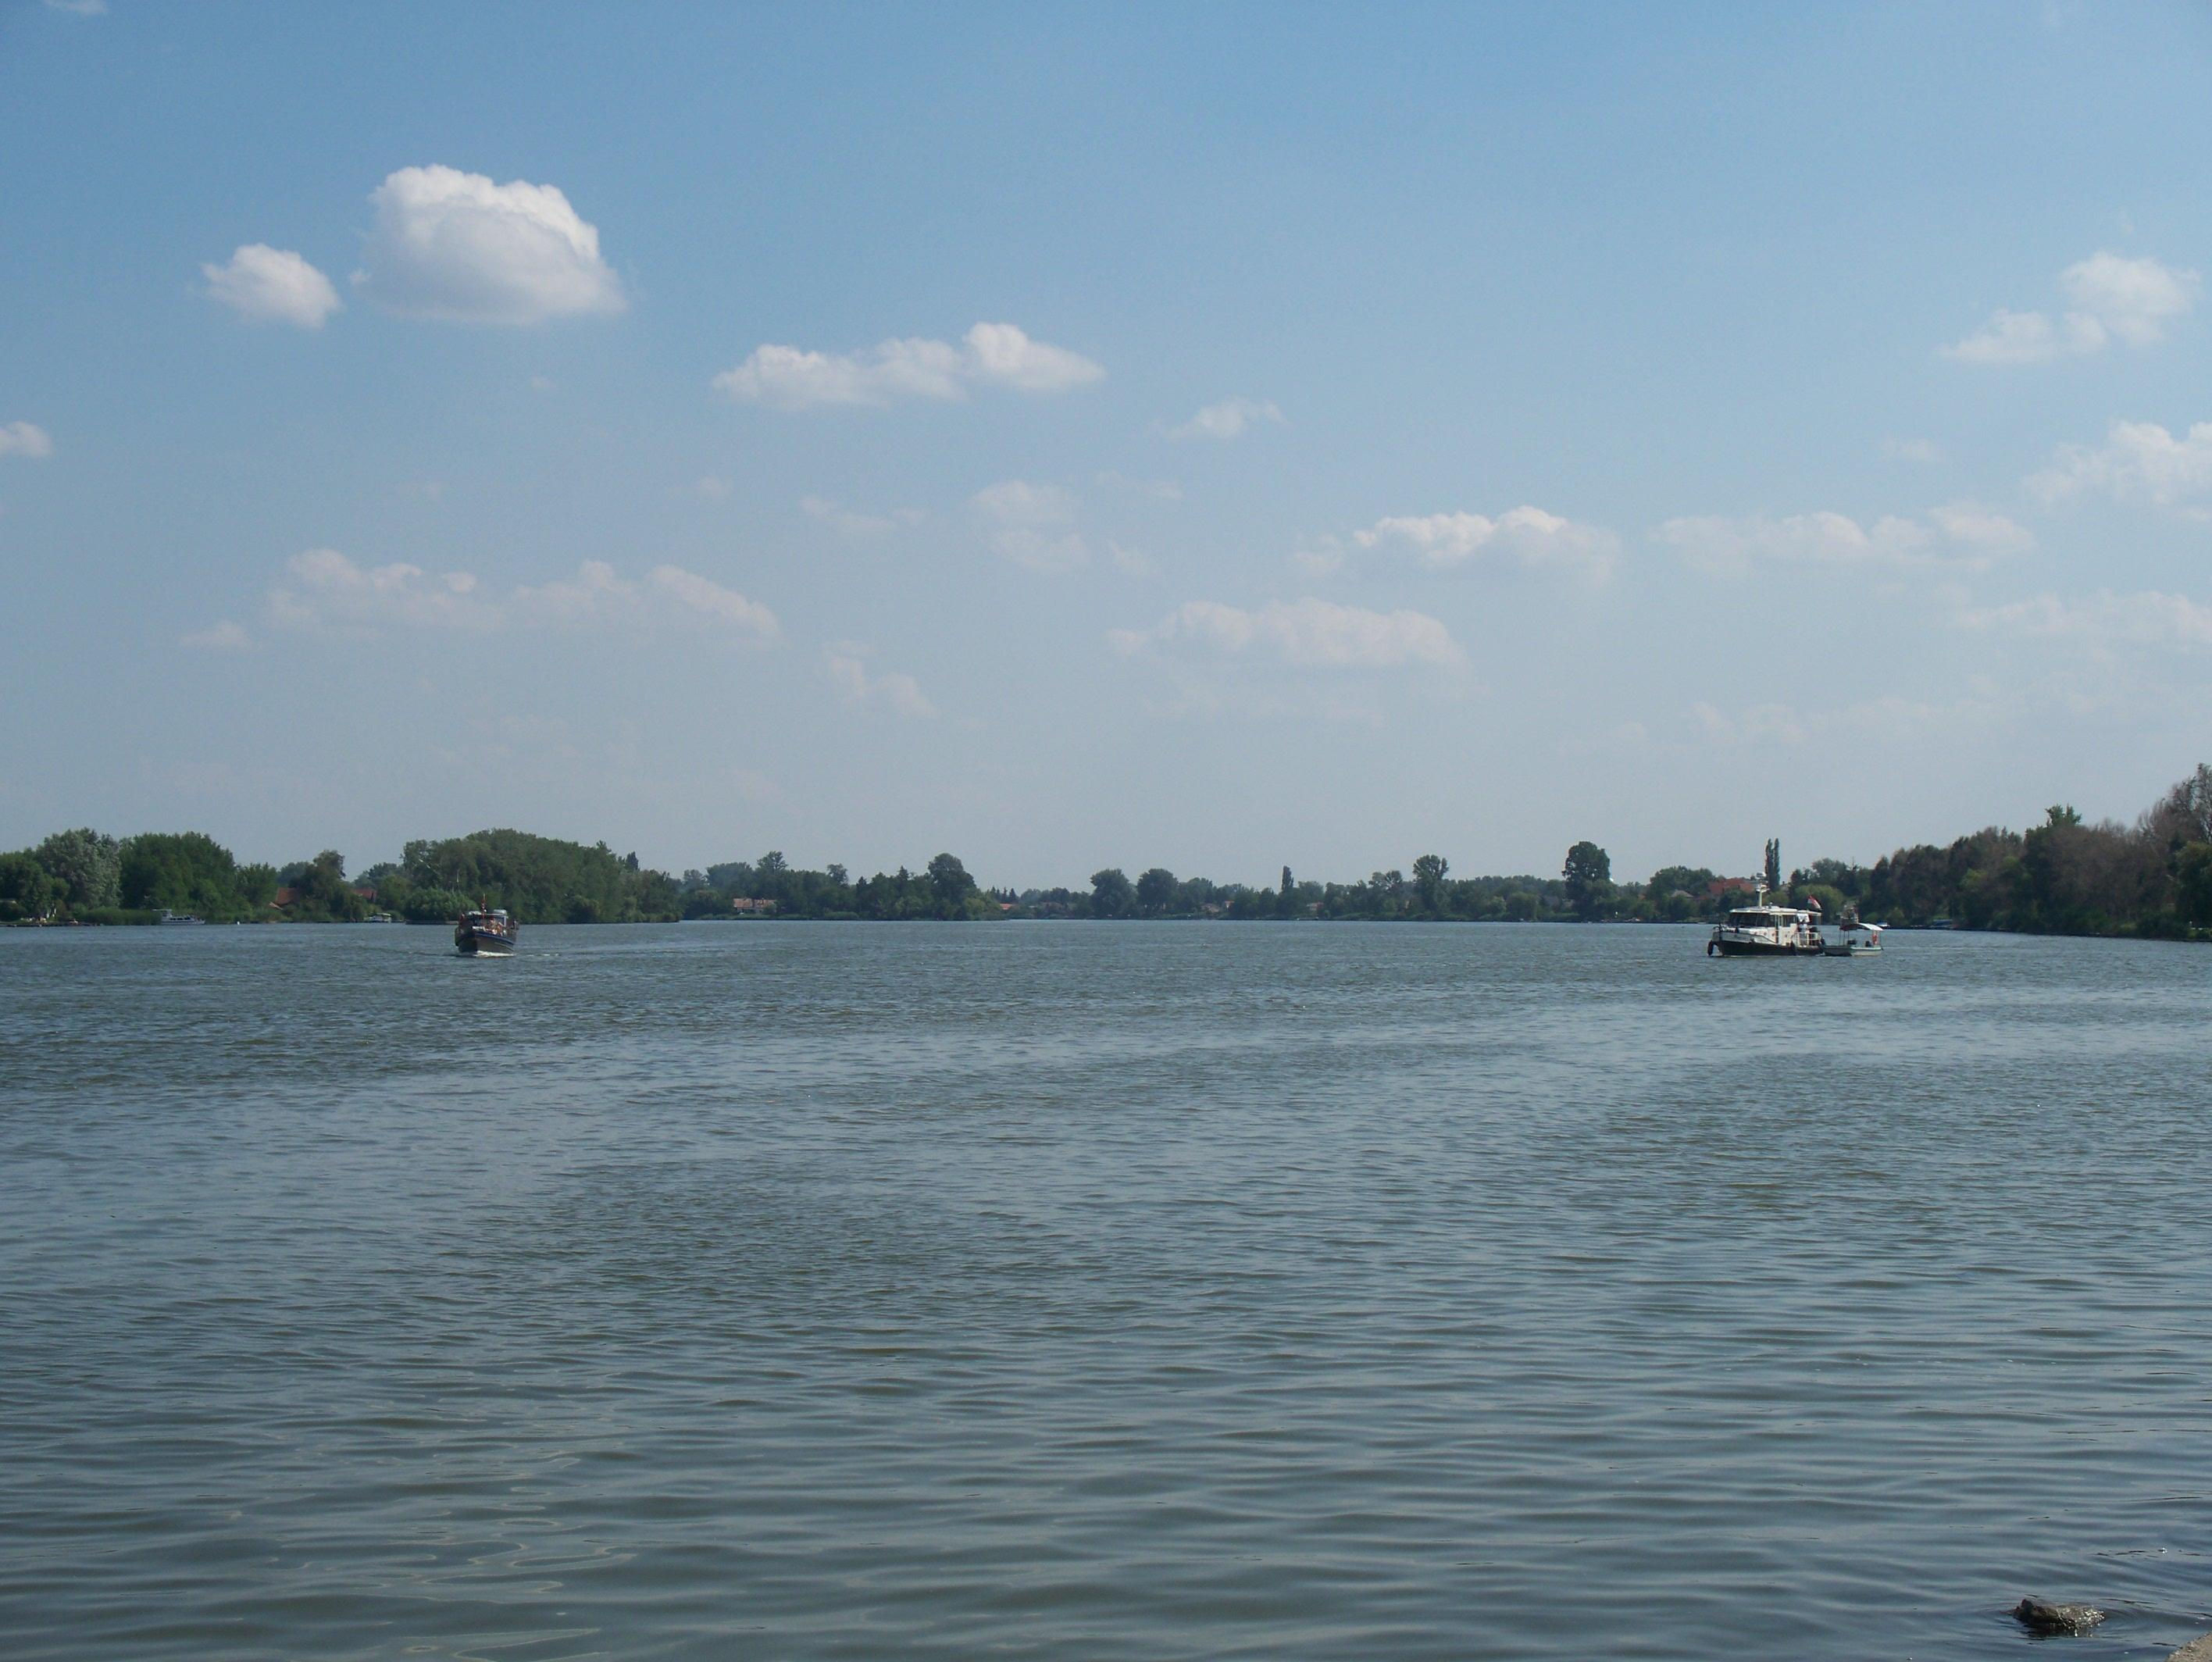 http://www.kisdunainagyhajok.hu/egyebhajok/2012_06_24_biene_es_maritime_hajok_egyuttallasa/2012_06_24_biene_es_maritime_hajok_egyuttallasa_002.jpg